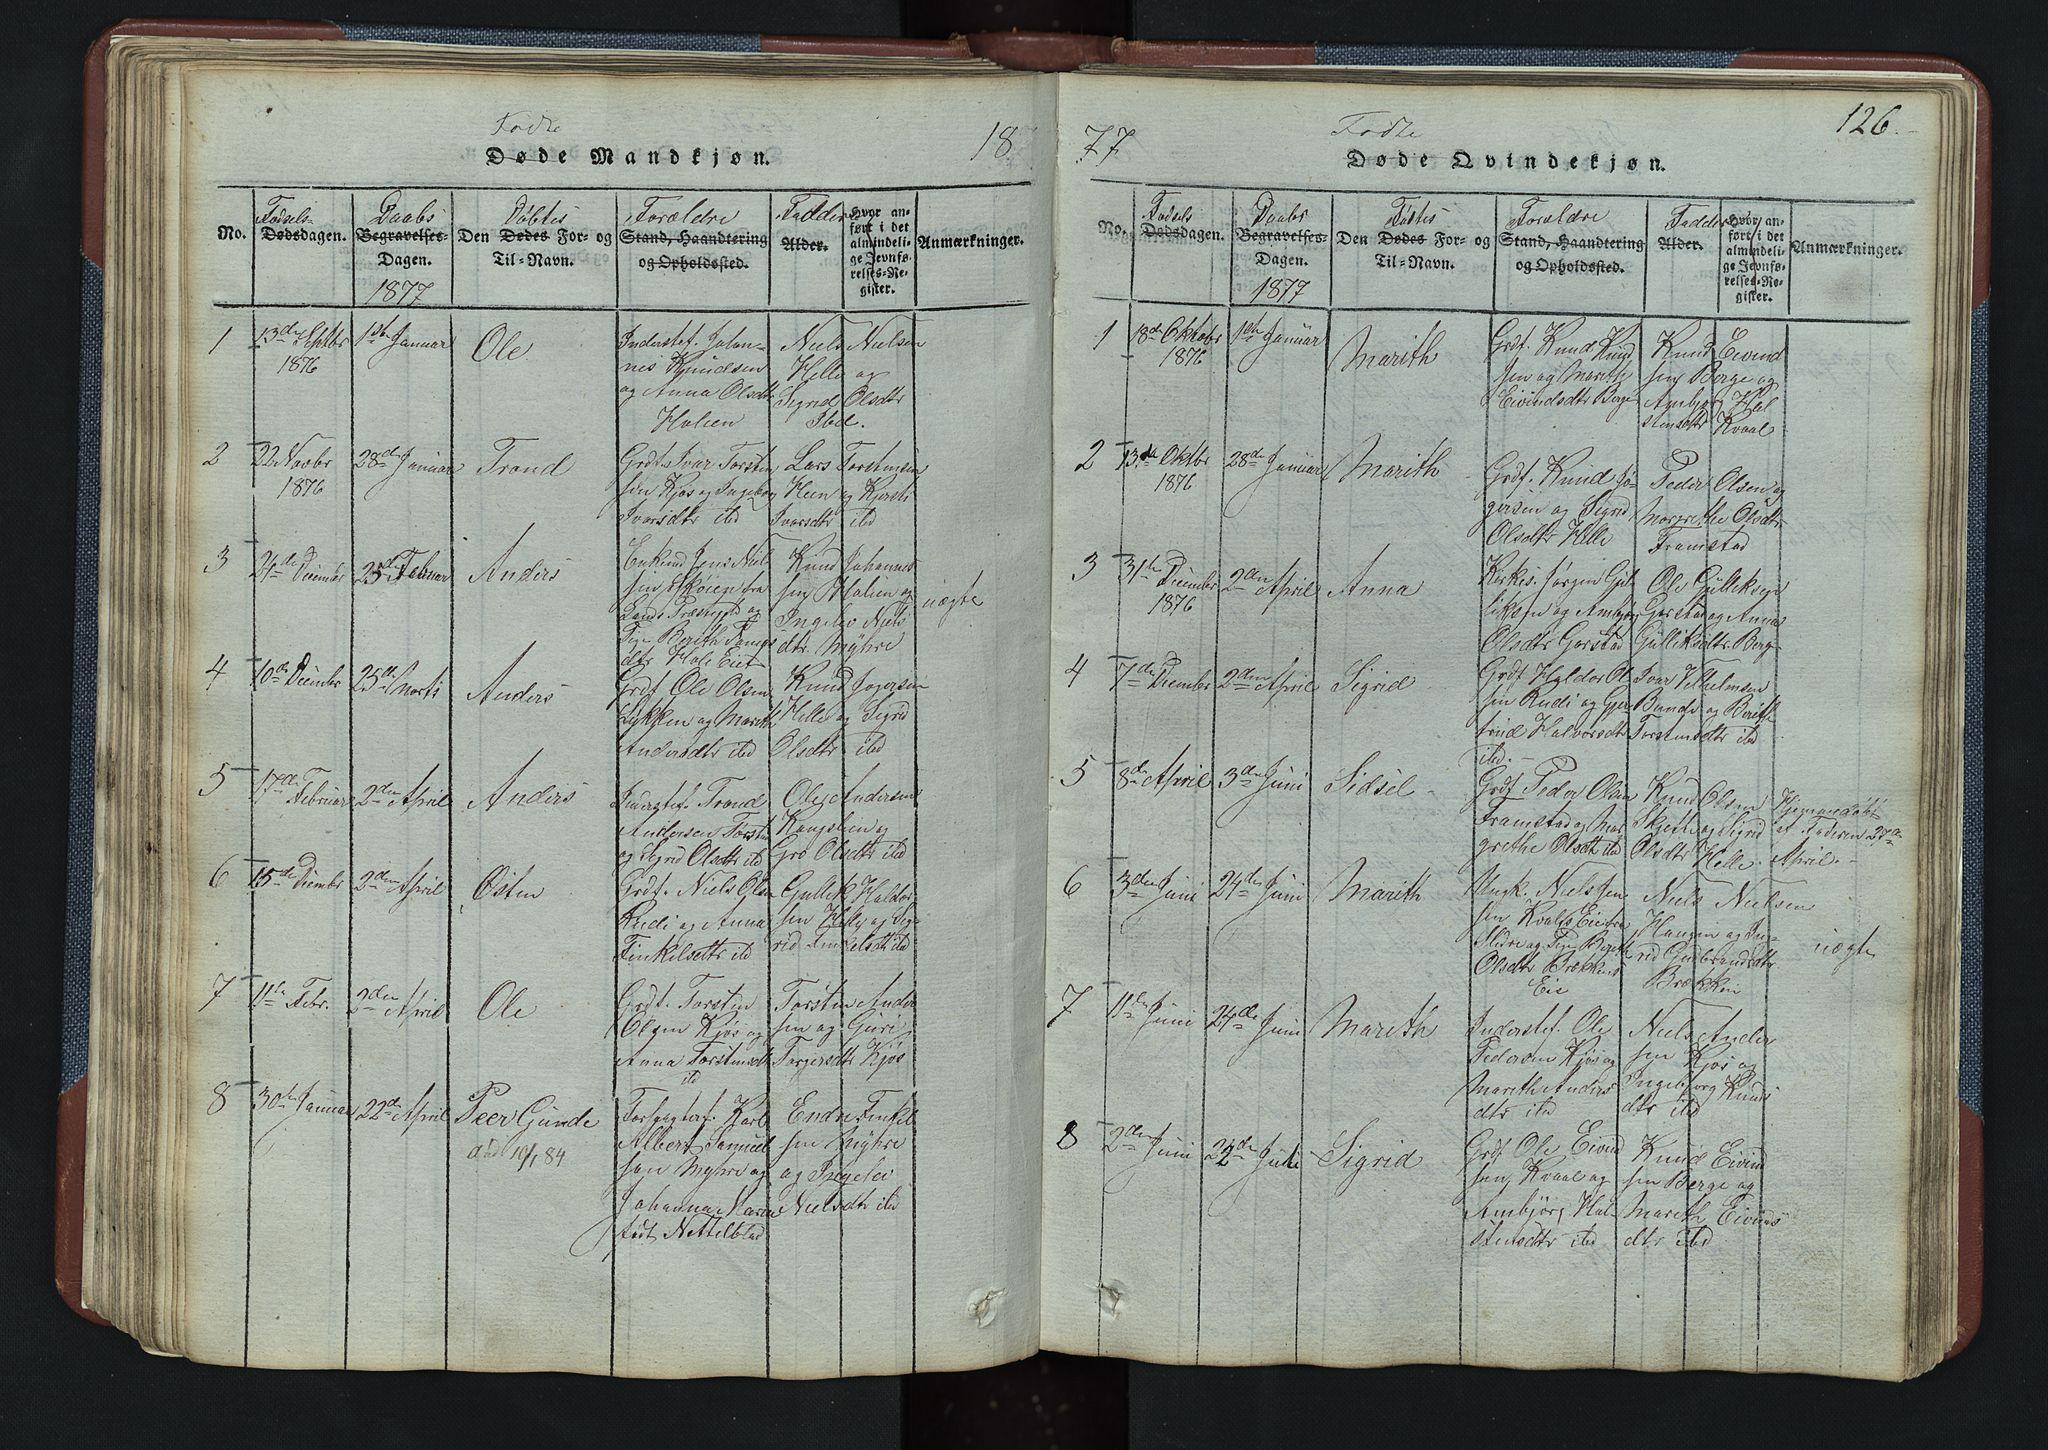 SAH, Vang prestekontor, Valdres, Klokkerbok nr. 3, 1814-1892, s. 126